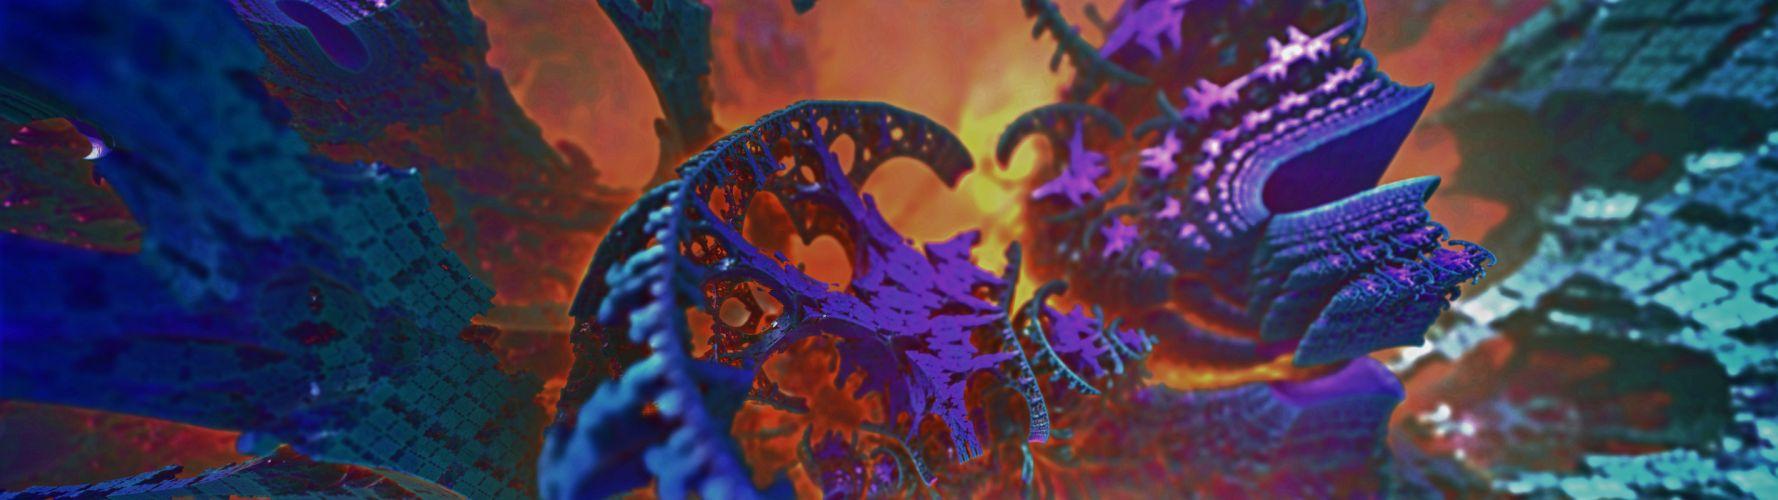 3D Fractal TEST 7 wallpaper